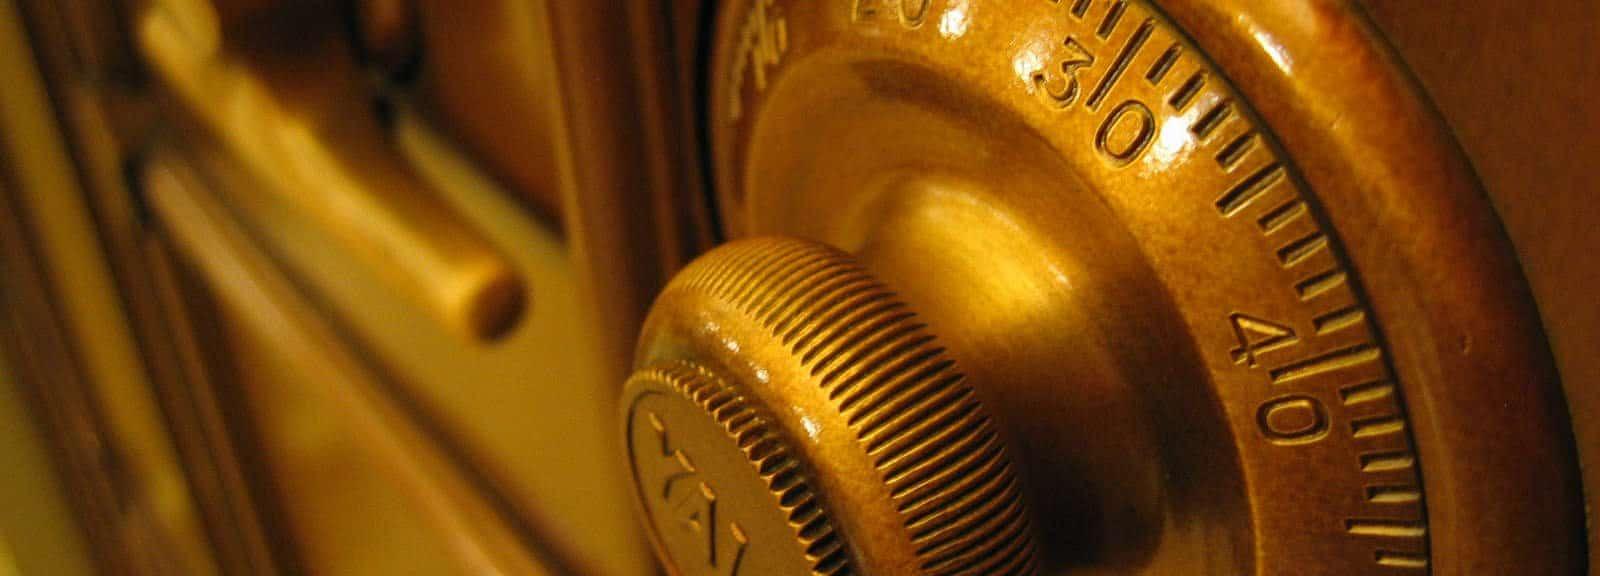 Caja de seguridad, por reynermedia, en Flickr (11334584353), con licencia CC by